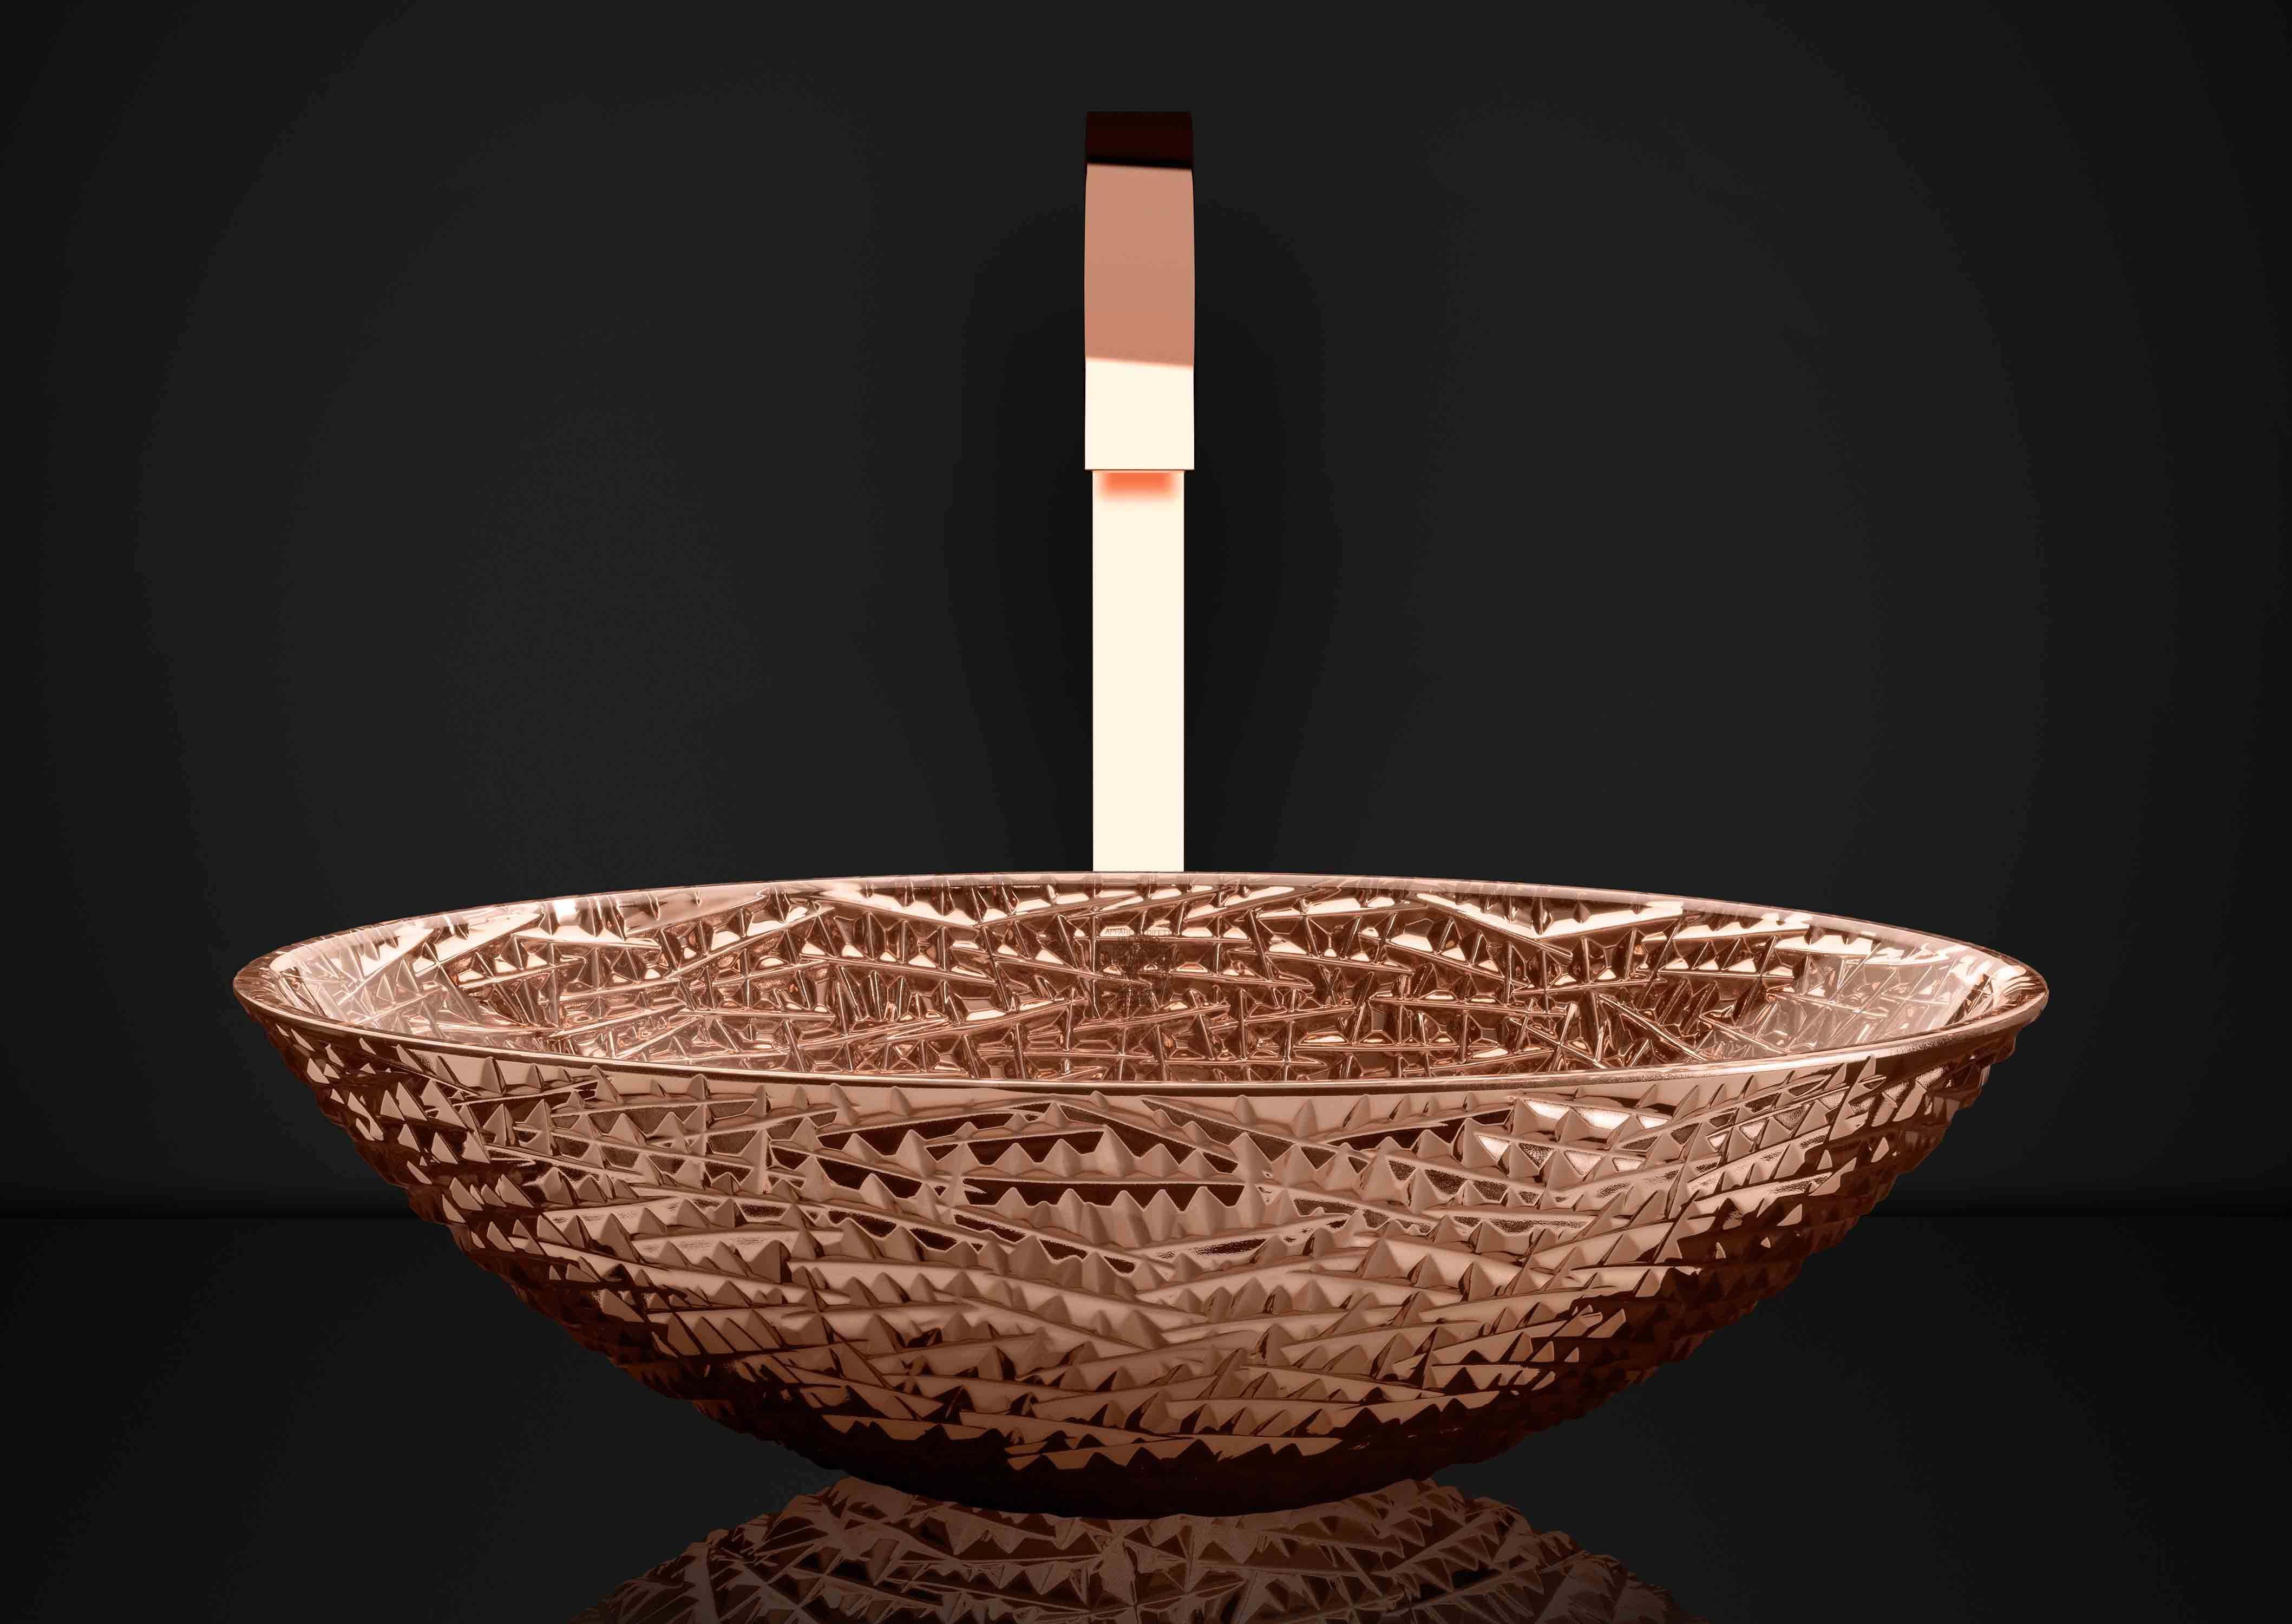 Das bronze Waschbecken von myGlassDesign